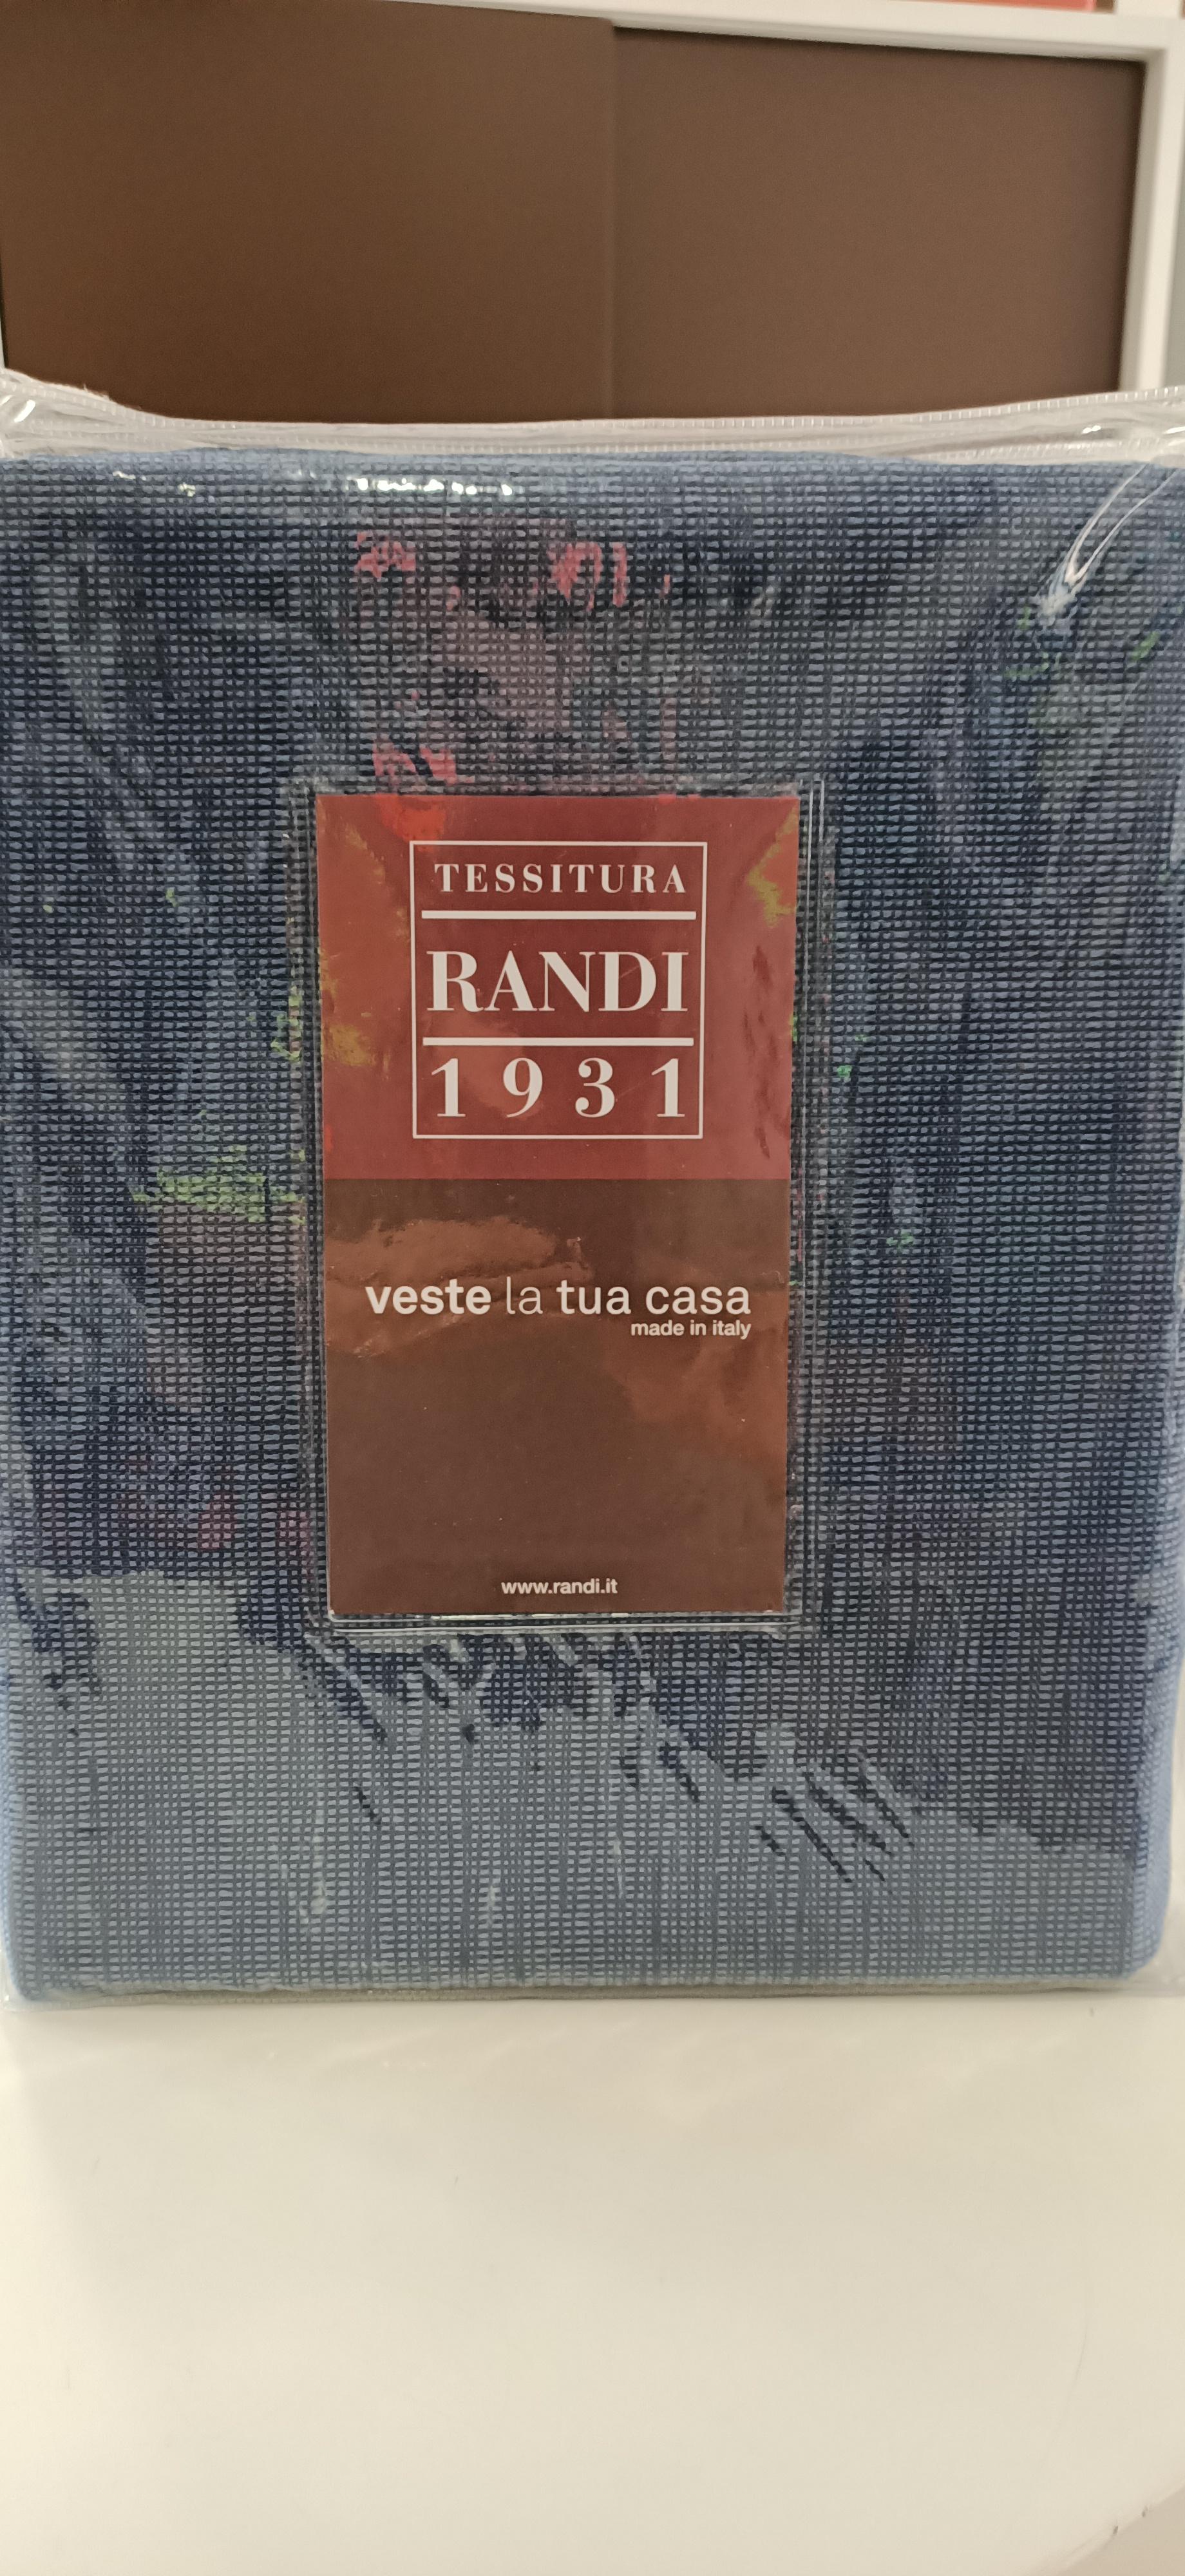 COPRILETTO LEGGERO TESSITURA RANDI ART. MALI SINGOLO